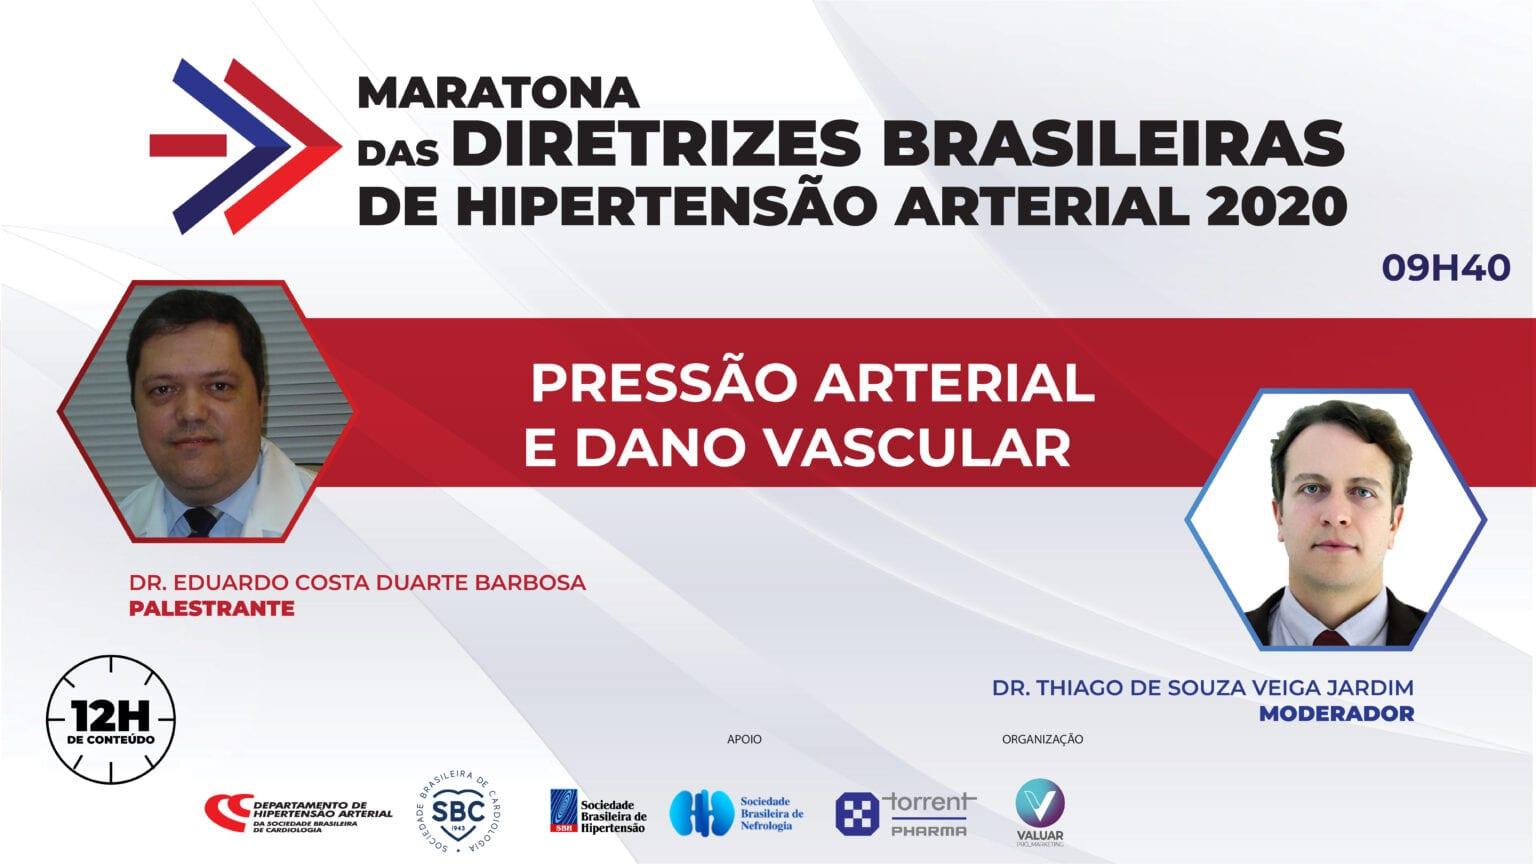 Pressão Arterial e Dano Vascular